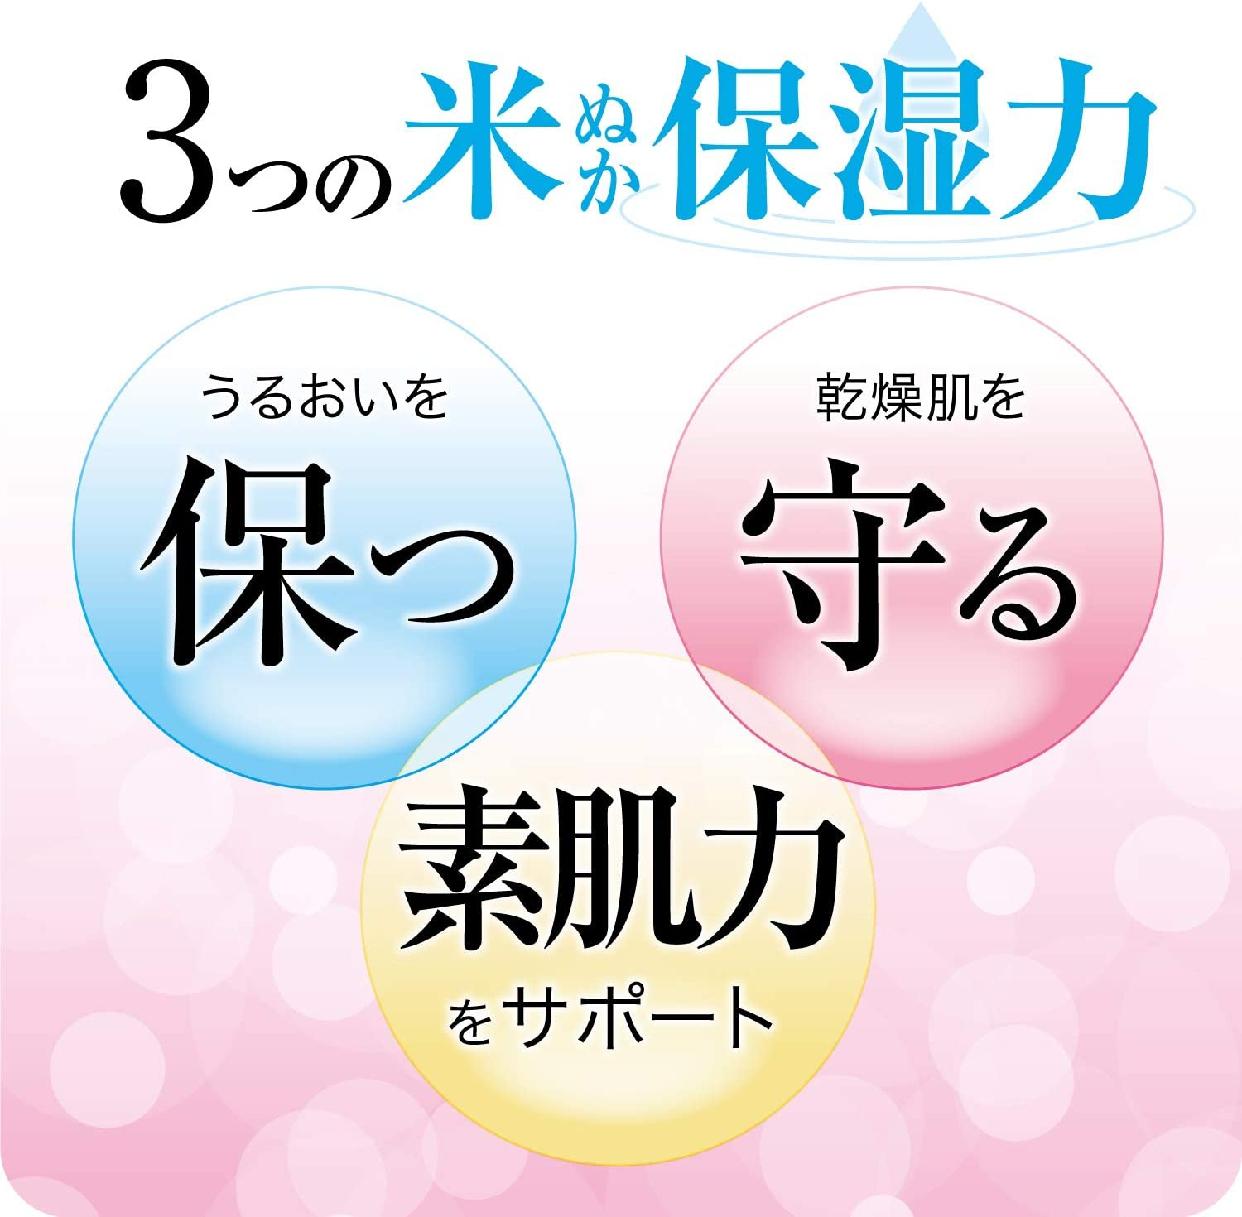 美人ぬか 美人ぬか 純米水 さっぱり化粧水の商品画像4